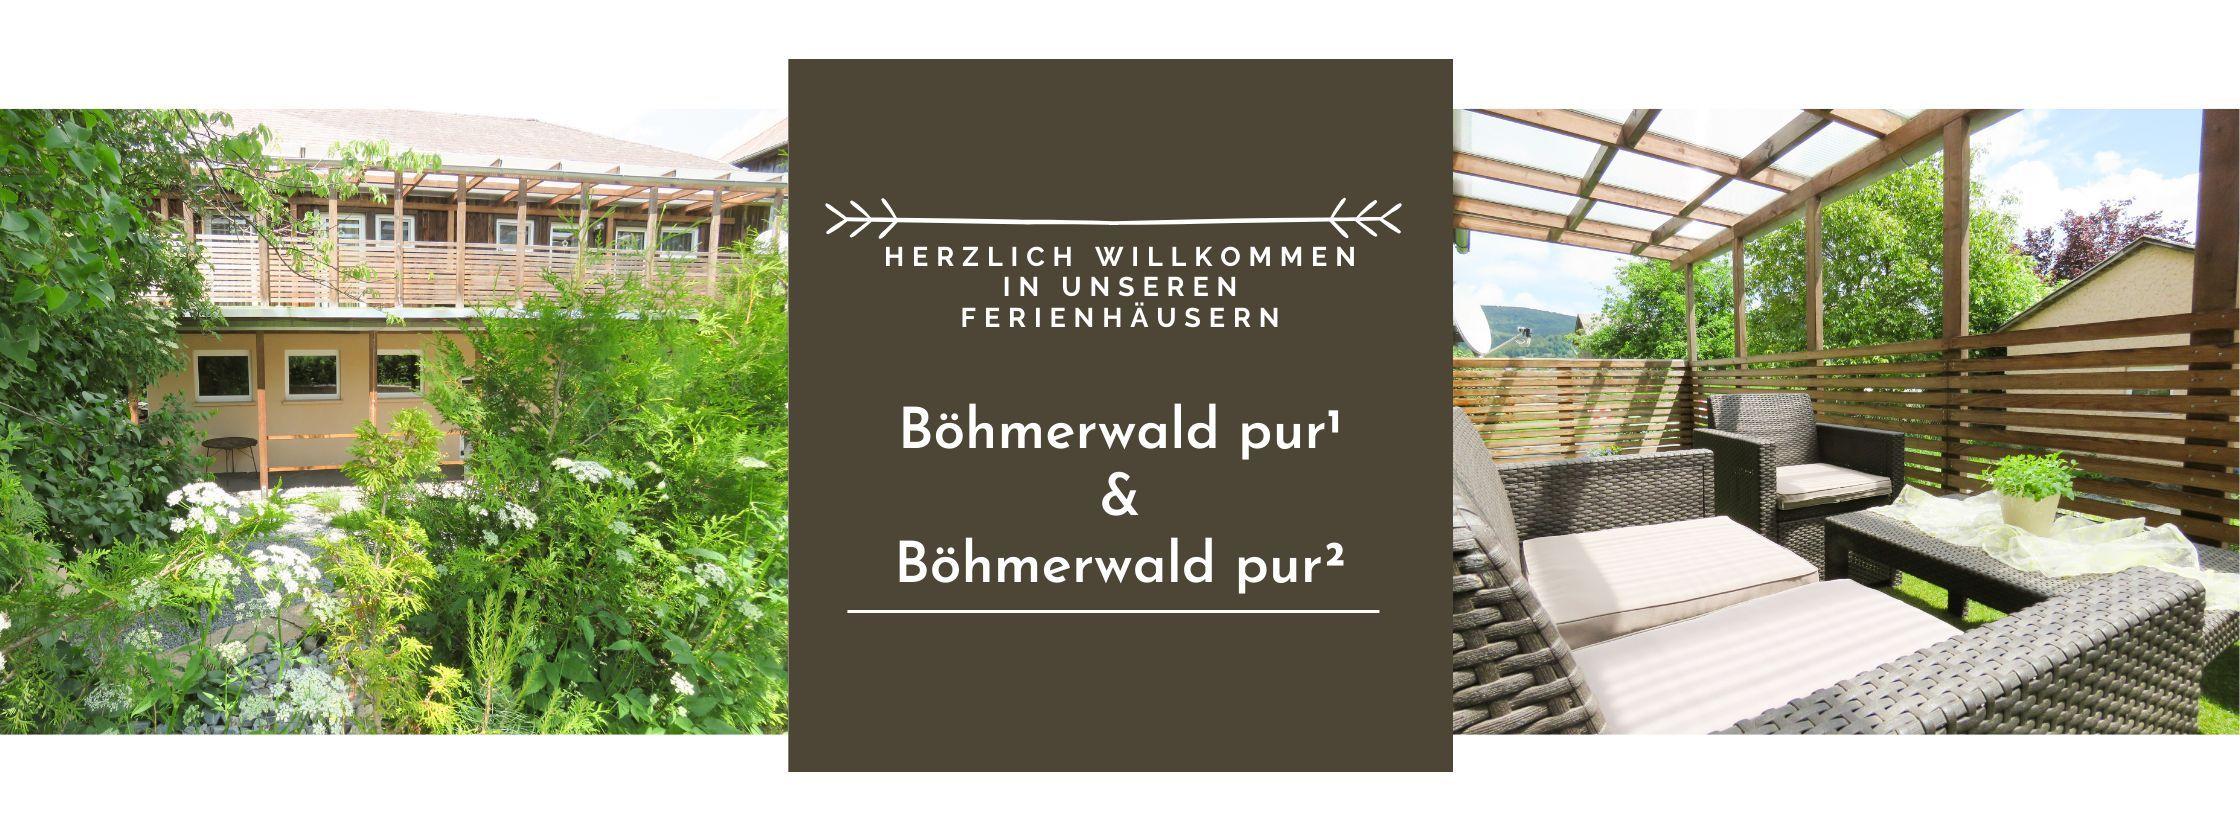 Willkommen! | Böhmerwald pur + Böhmerwald pur²